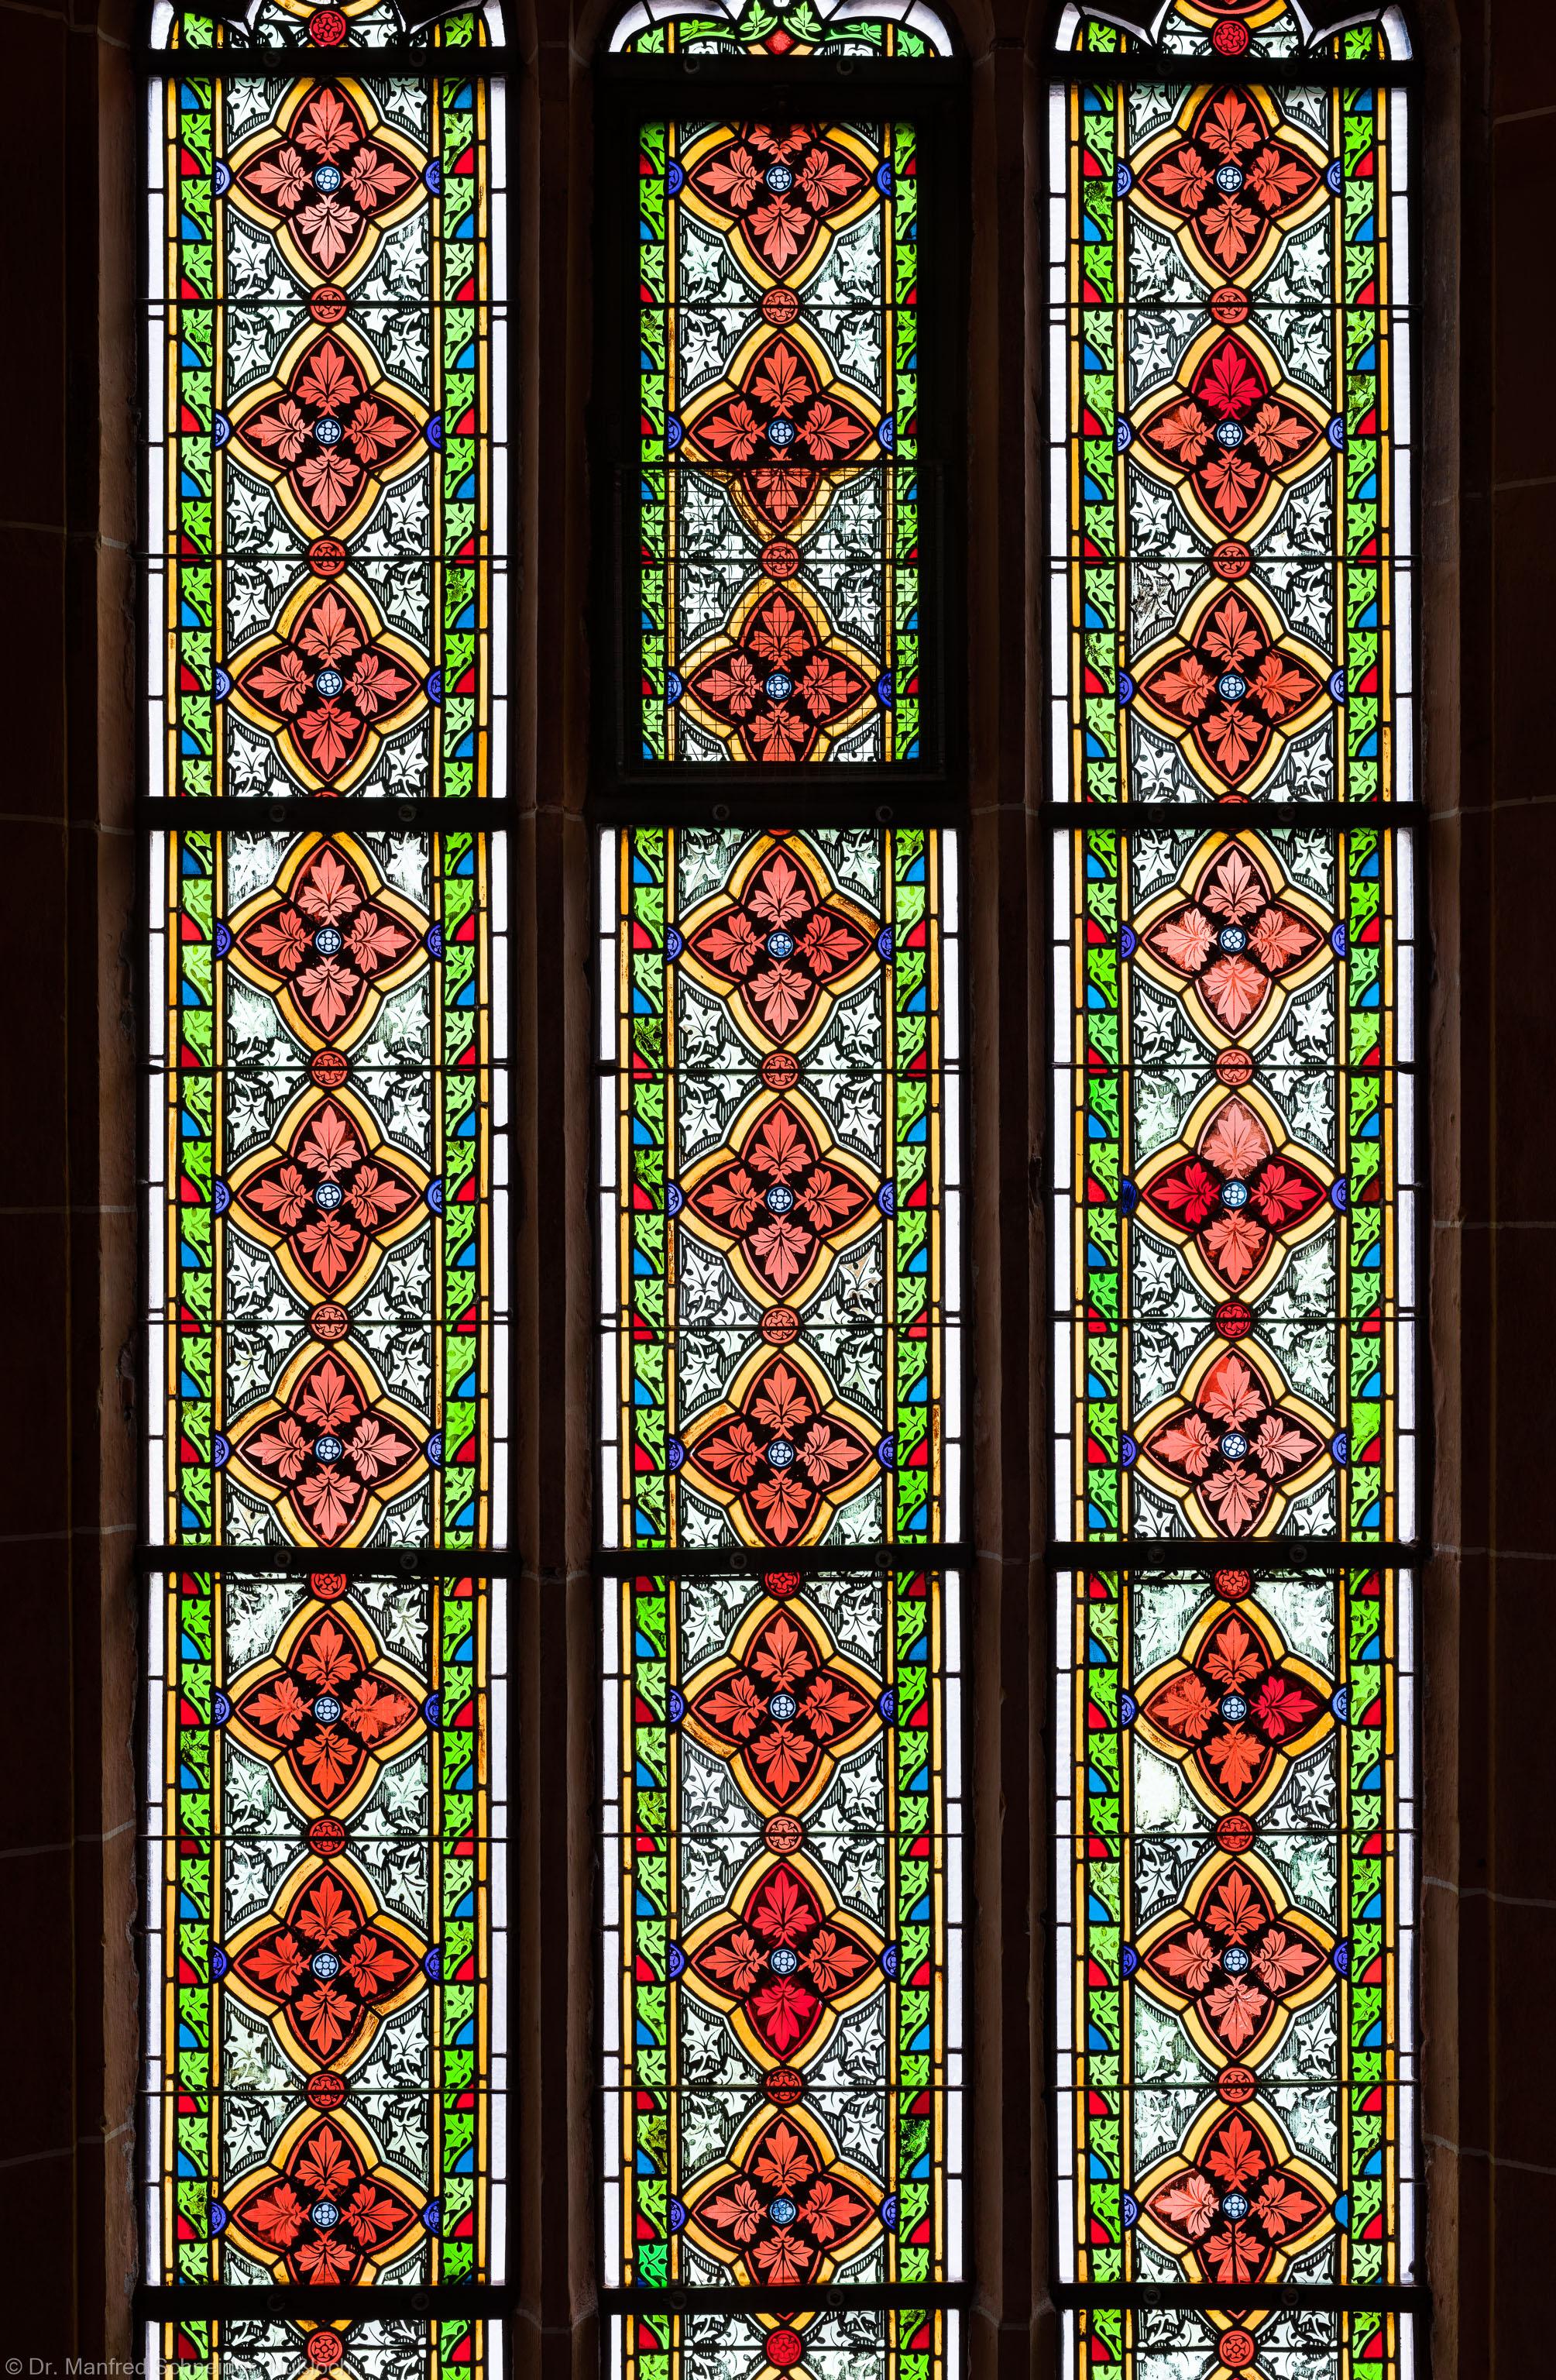 Heidelberg - Heiliggeistkirche - Südschiff - 3. Joch, von Westen aus gezählt - Ausschnitt aus dem Ornamentfenster (aufgenommen im Oktober 2015, am Nachmittag)